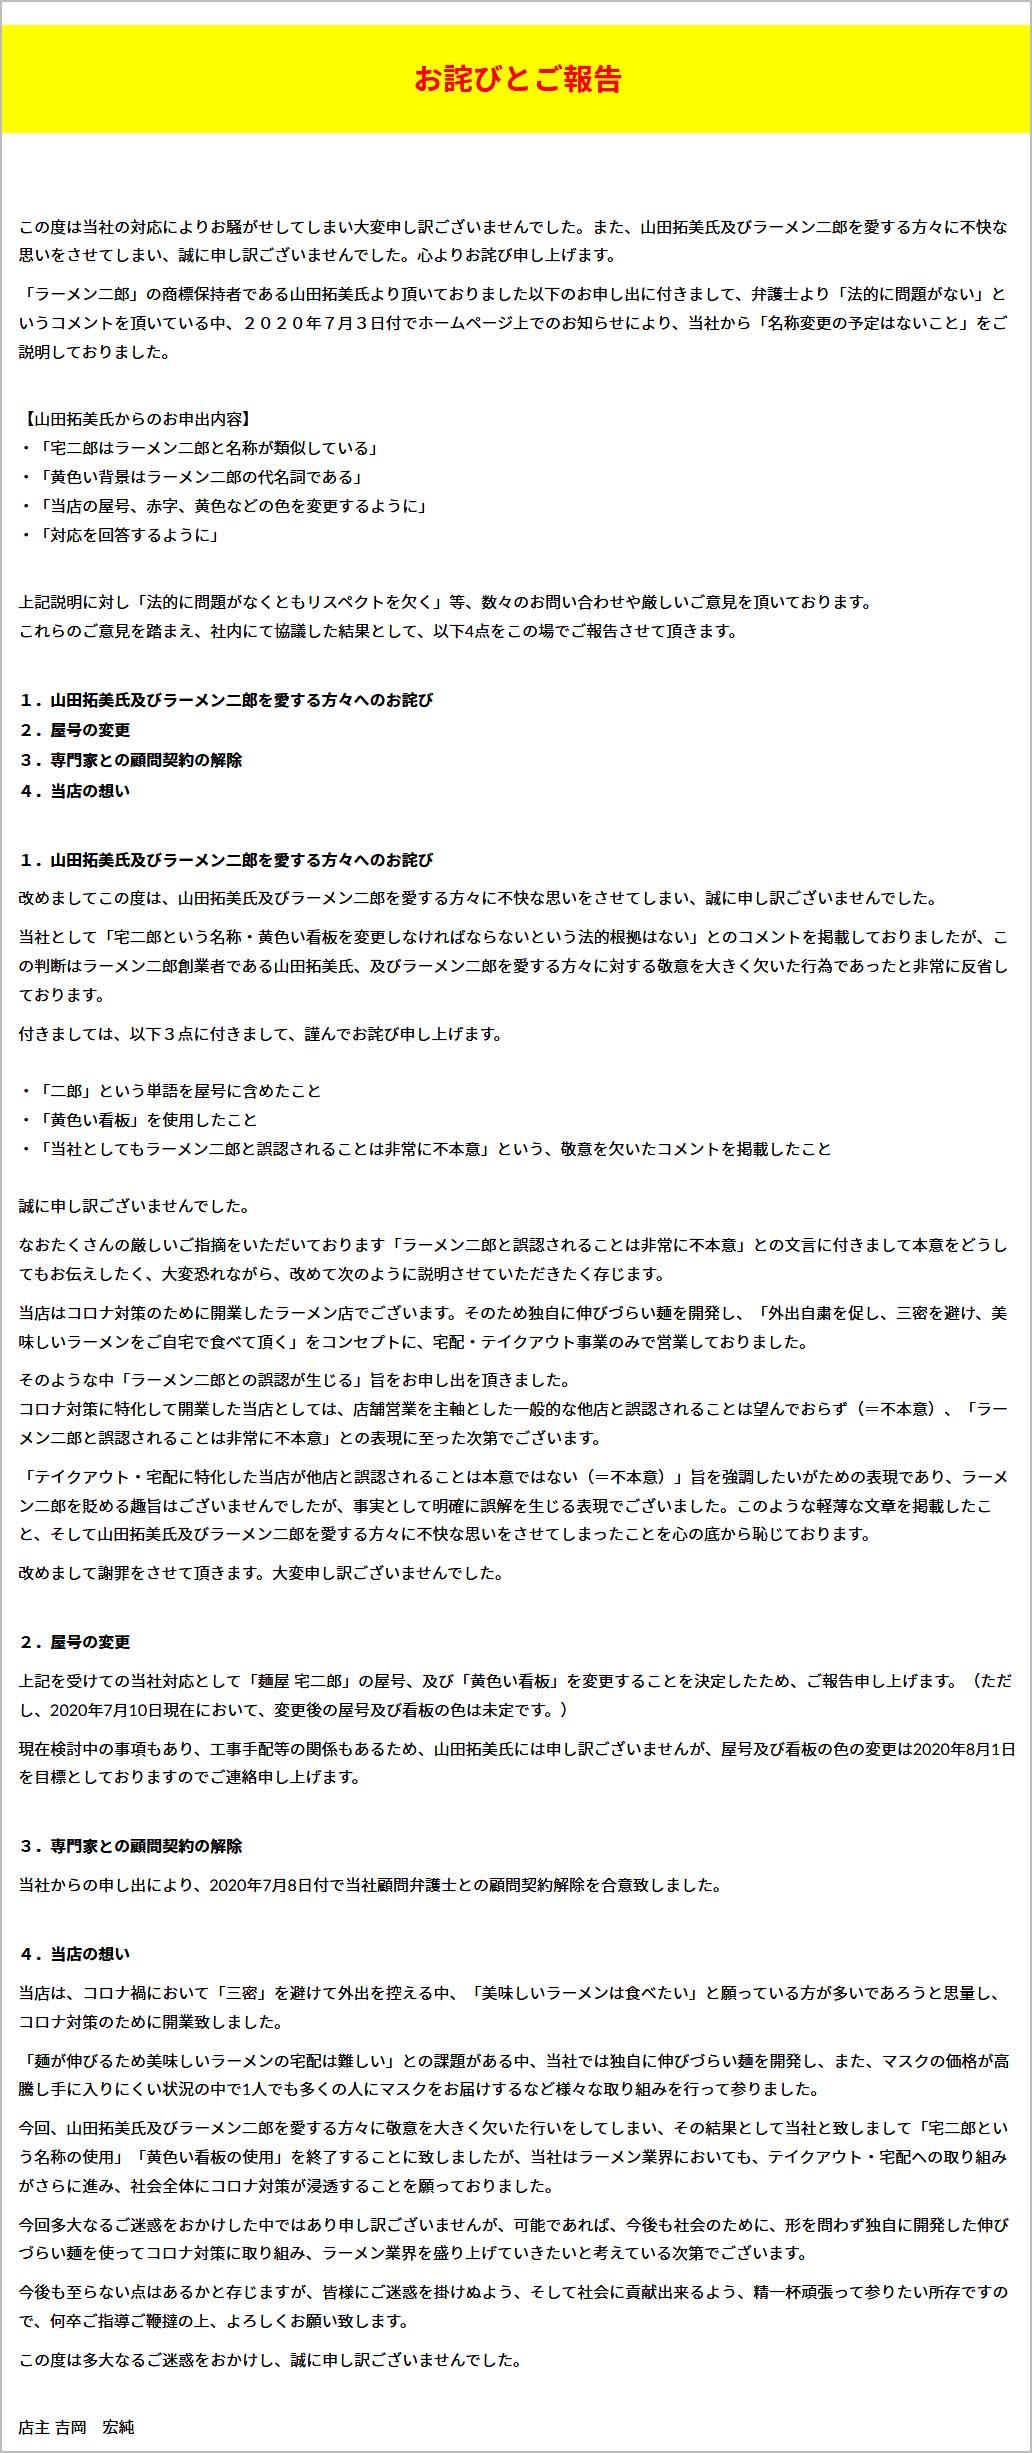 takujiro-gomenasaishita1